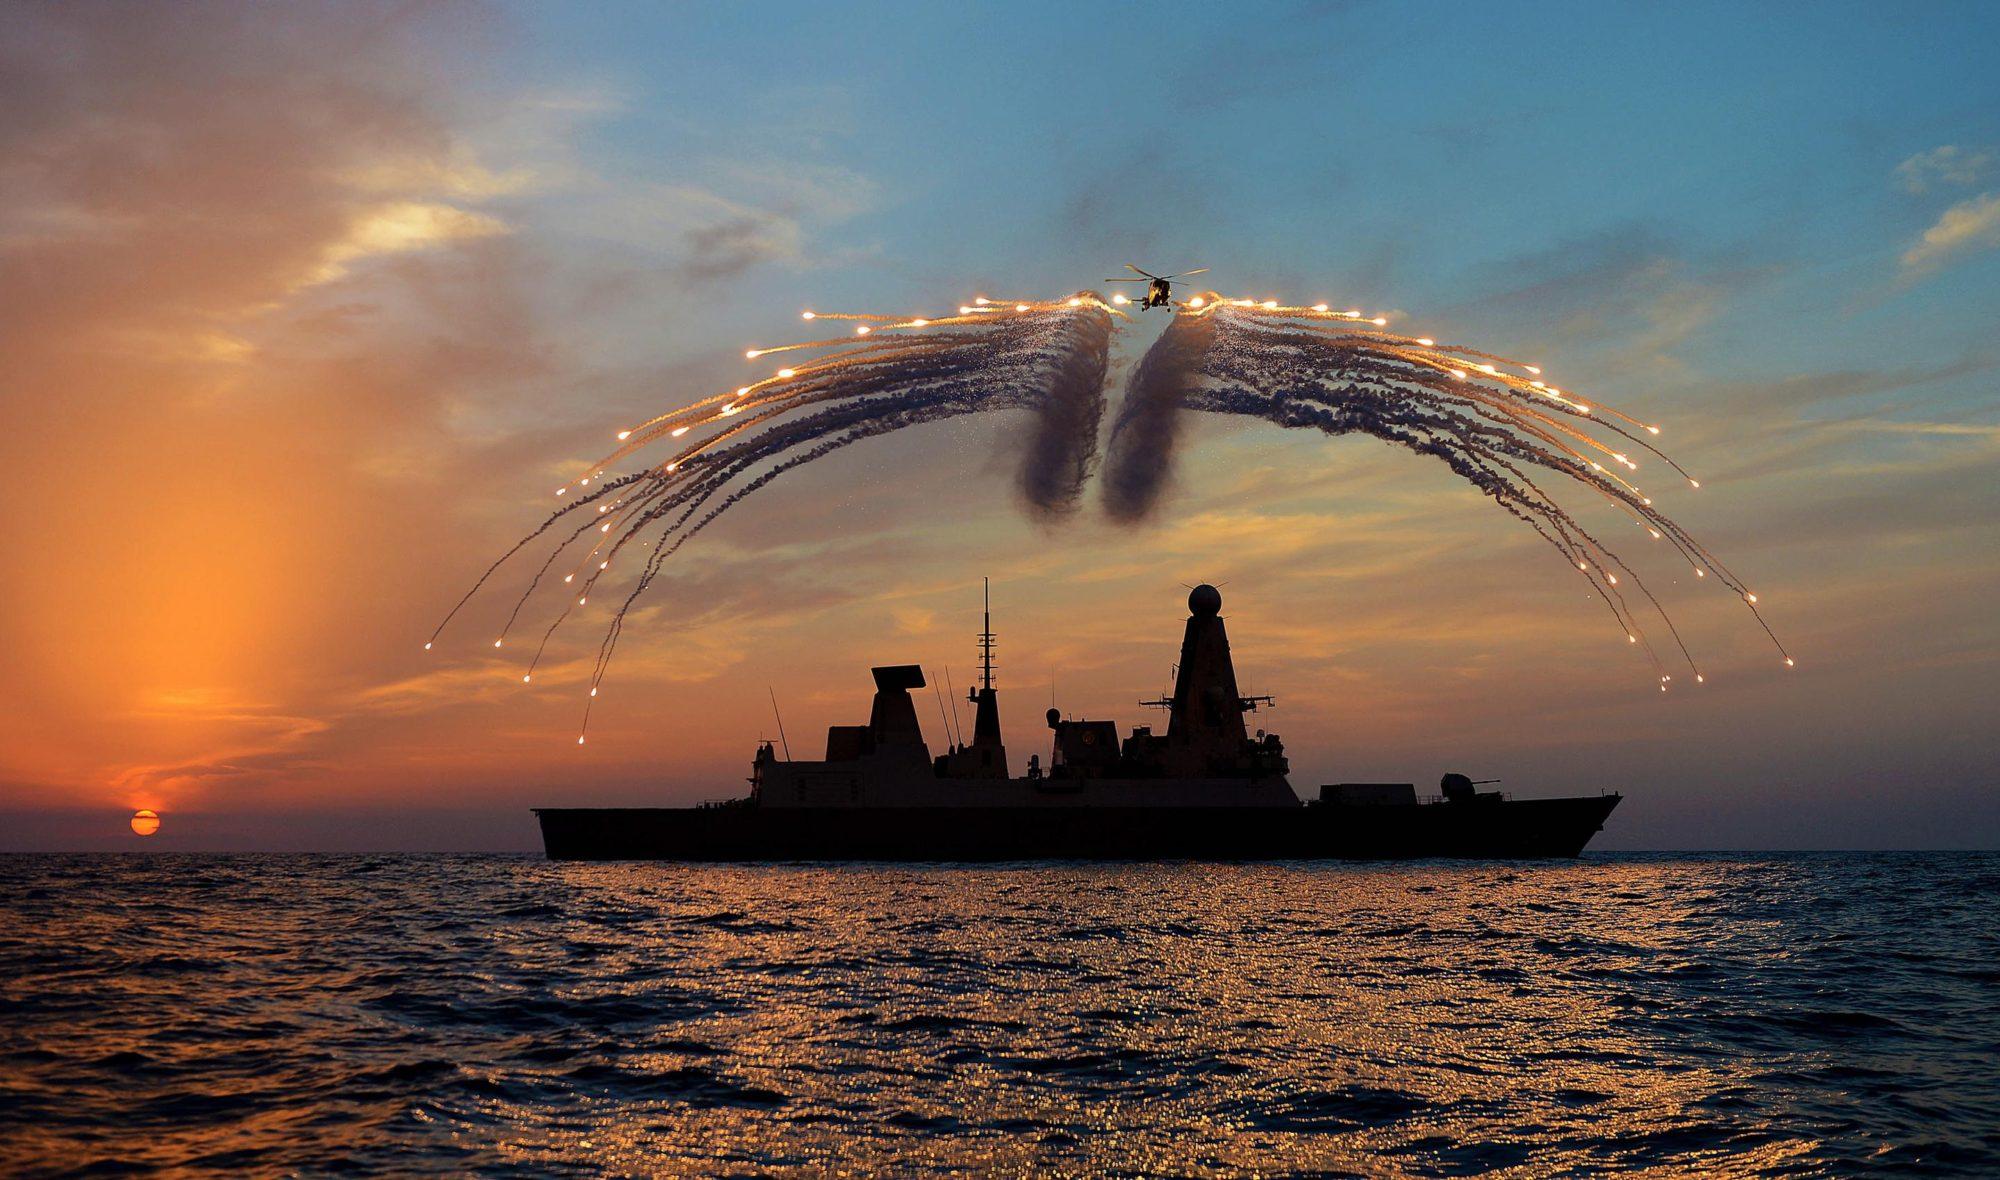 Helicóptero Lynx lançando flares sobre um destróier Type 45 da Royal Navy